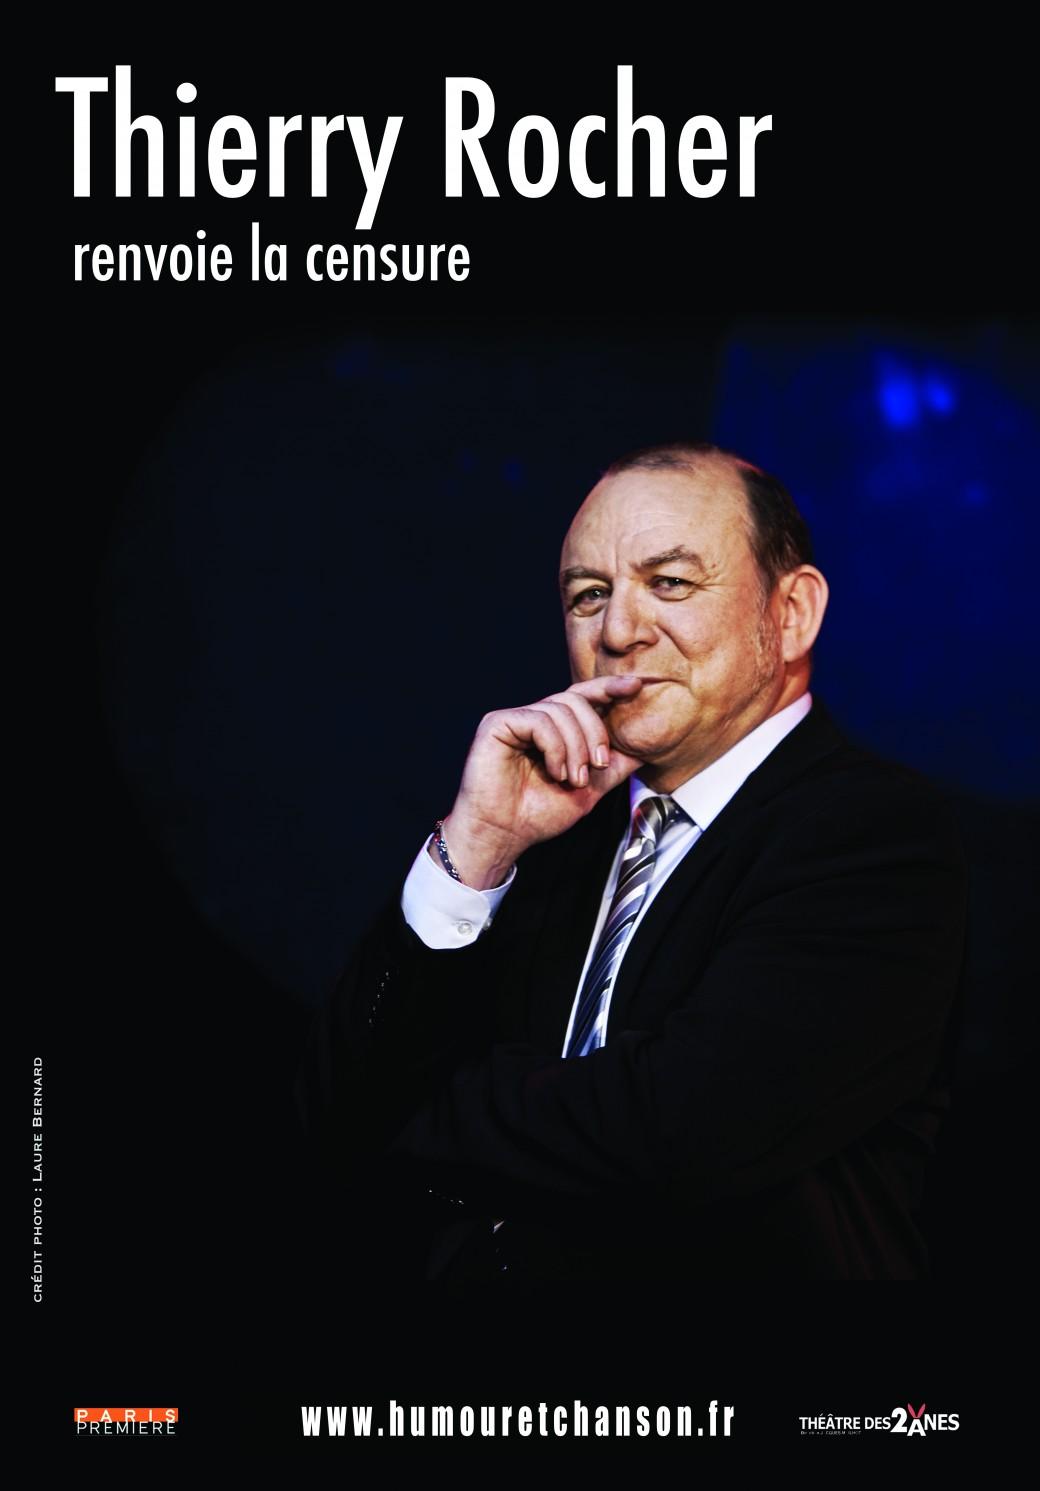 Thierry Rocher, renvoie la censure, spectacle, humour, humoriste, théâtre des 2 ânes, Paris première, théâtre du Têtard